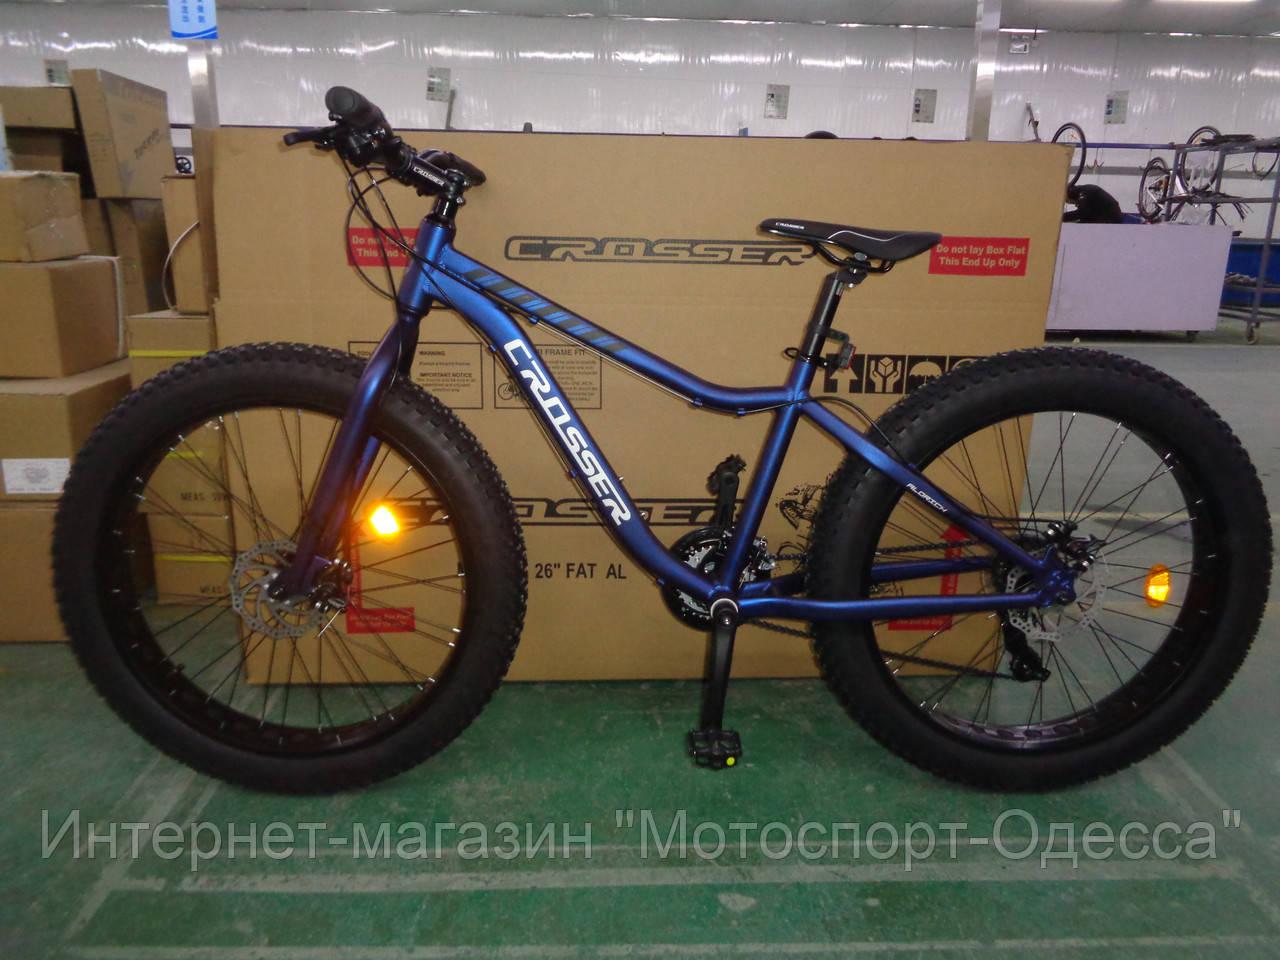 Подростковый велосипед 26 дюймов фит байк FAT BIKE